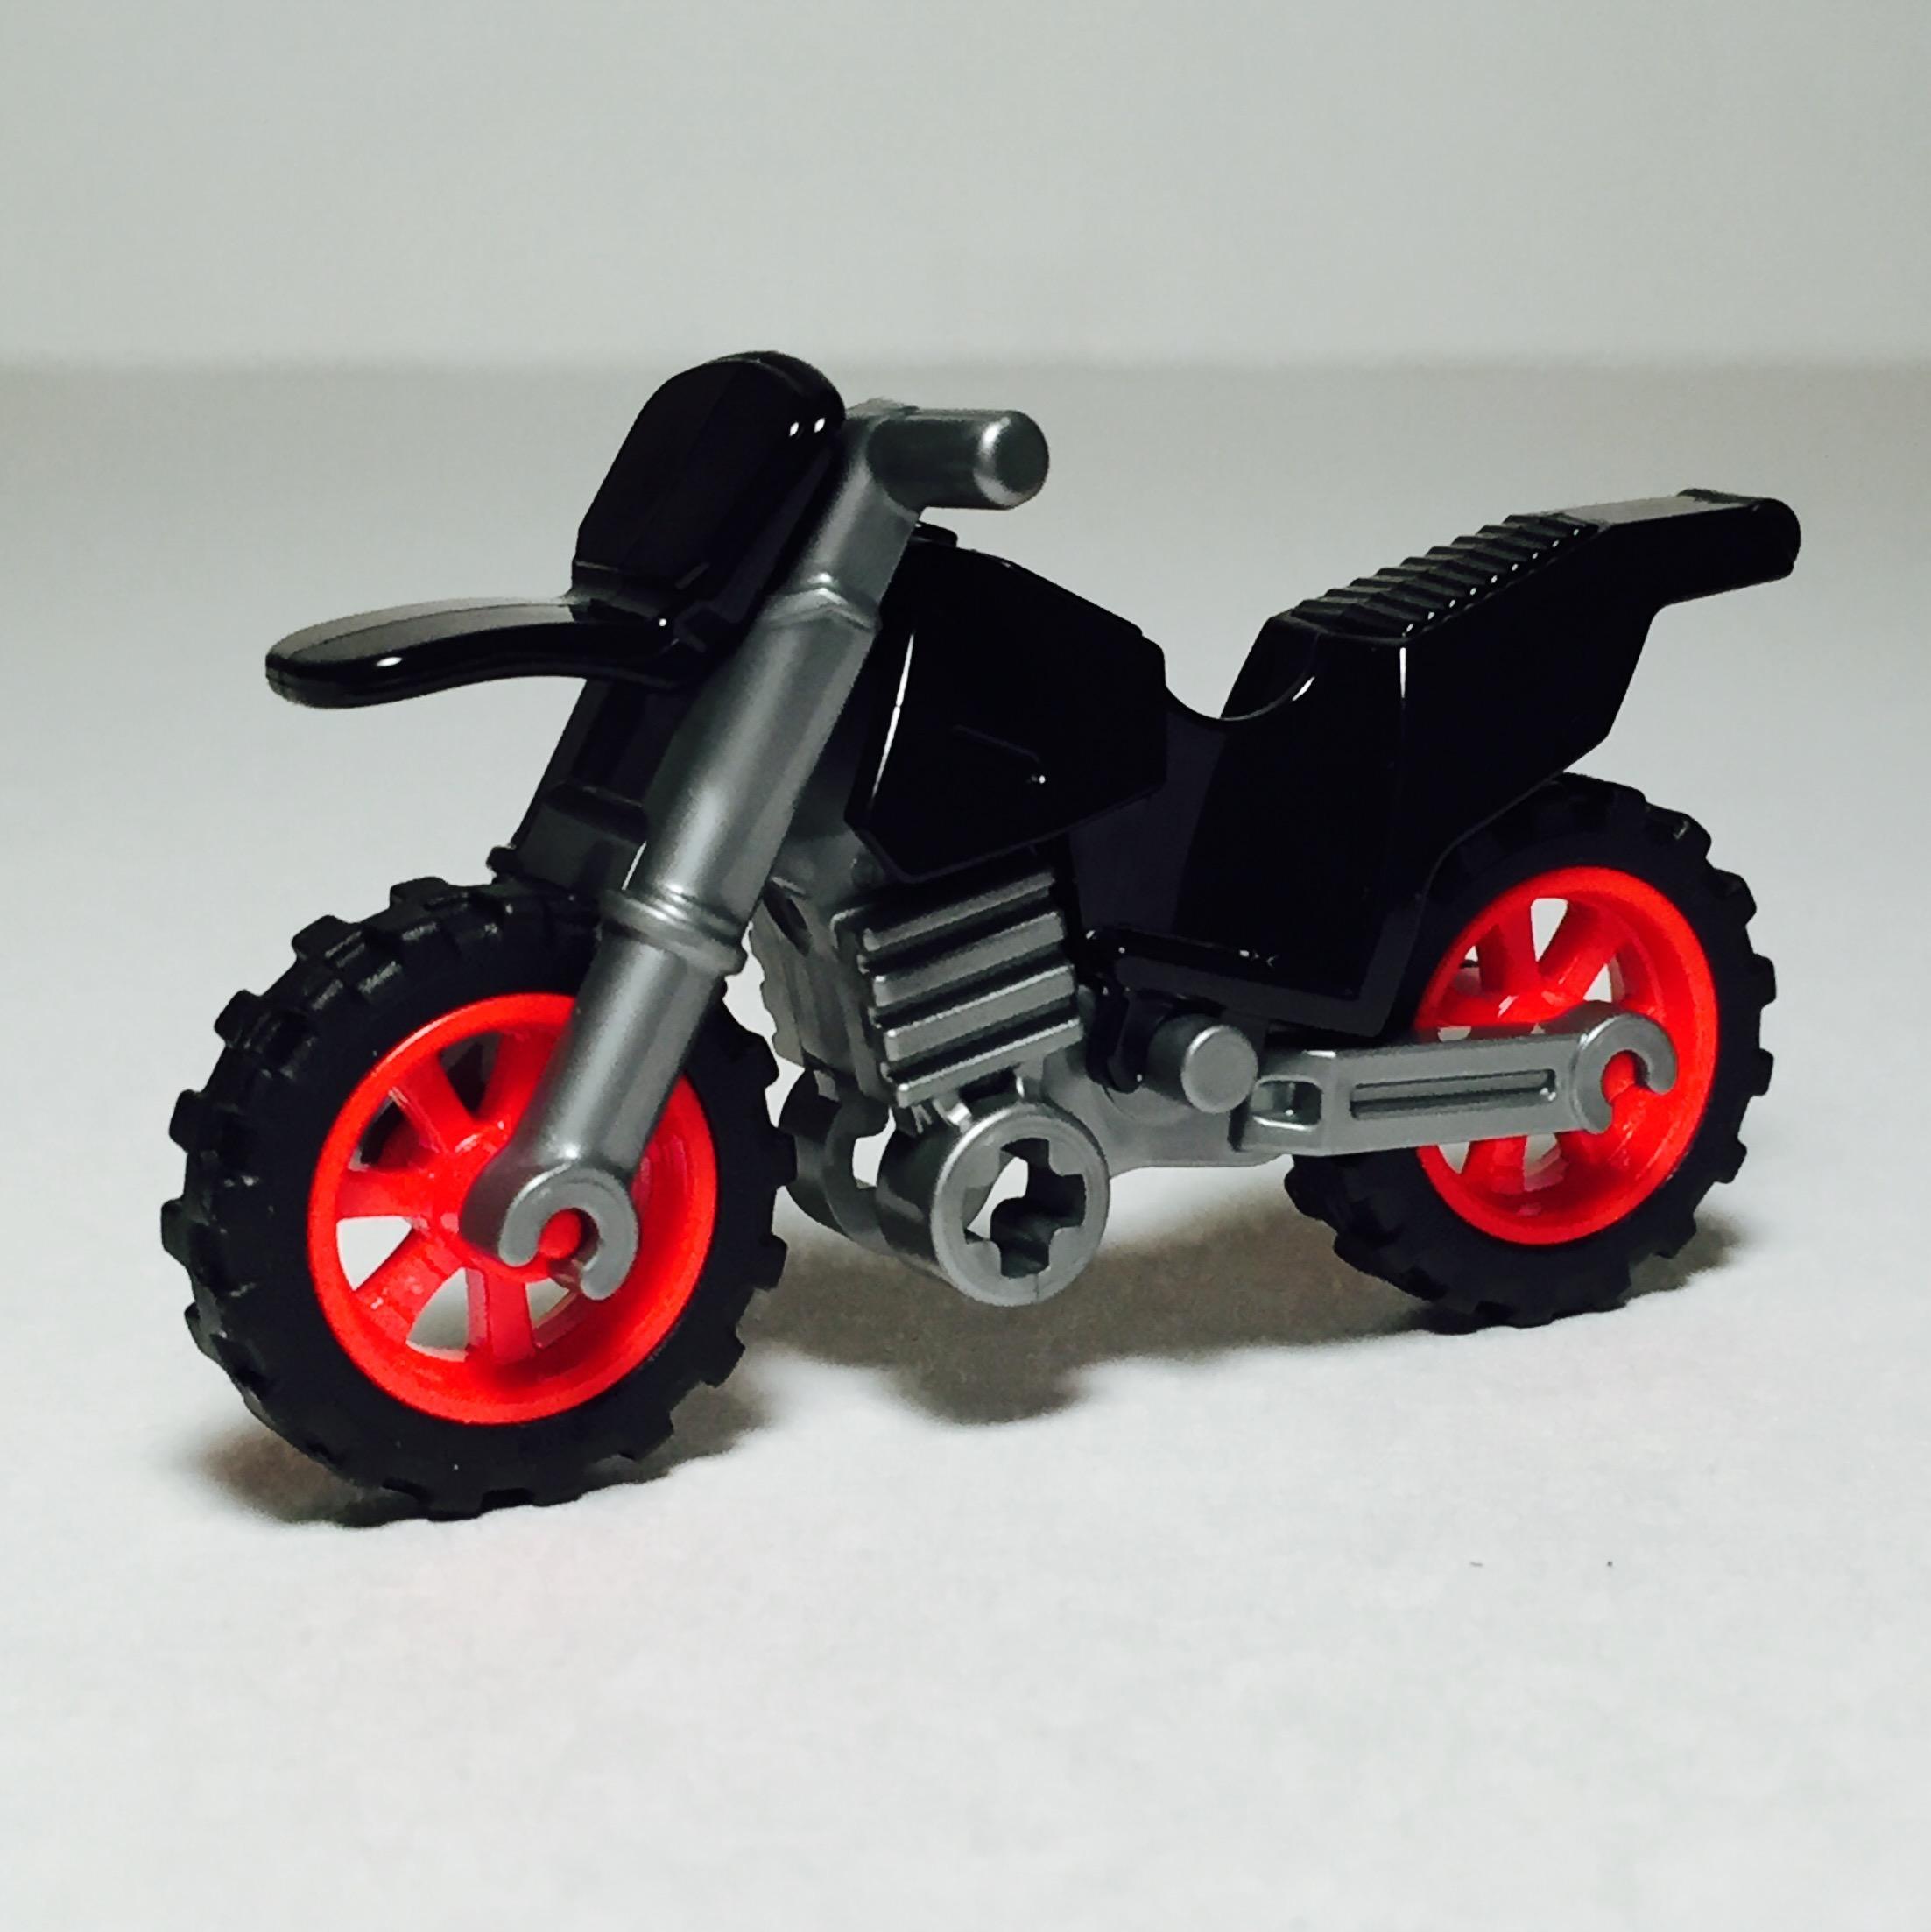 Captain America's Motorcycle 8.jpg